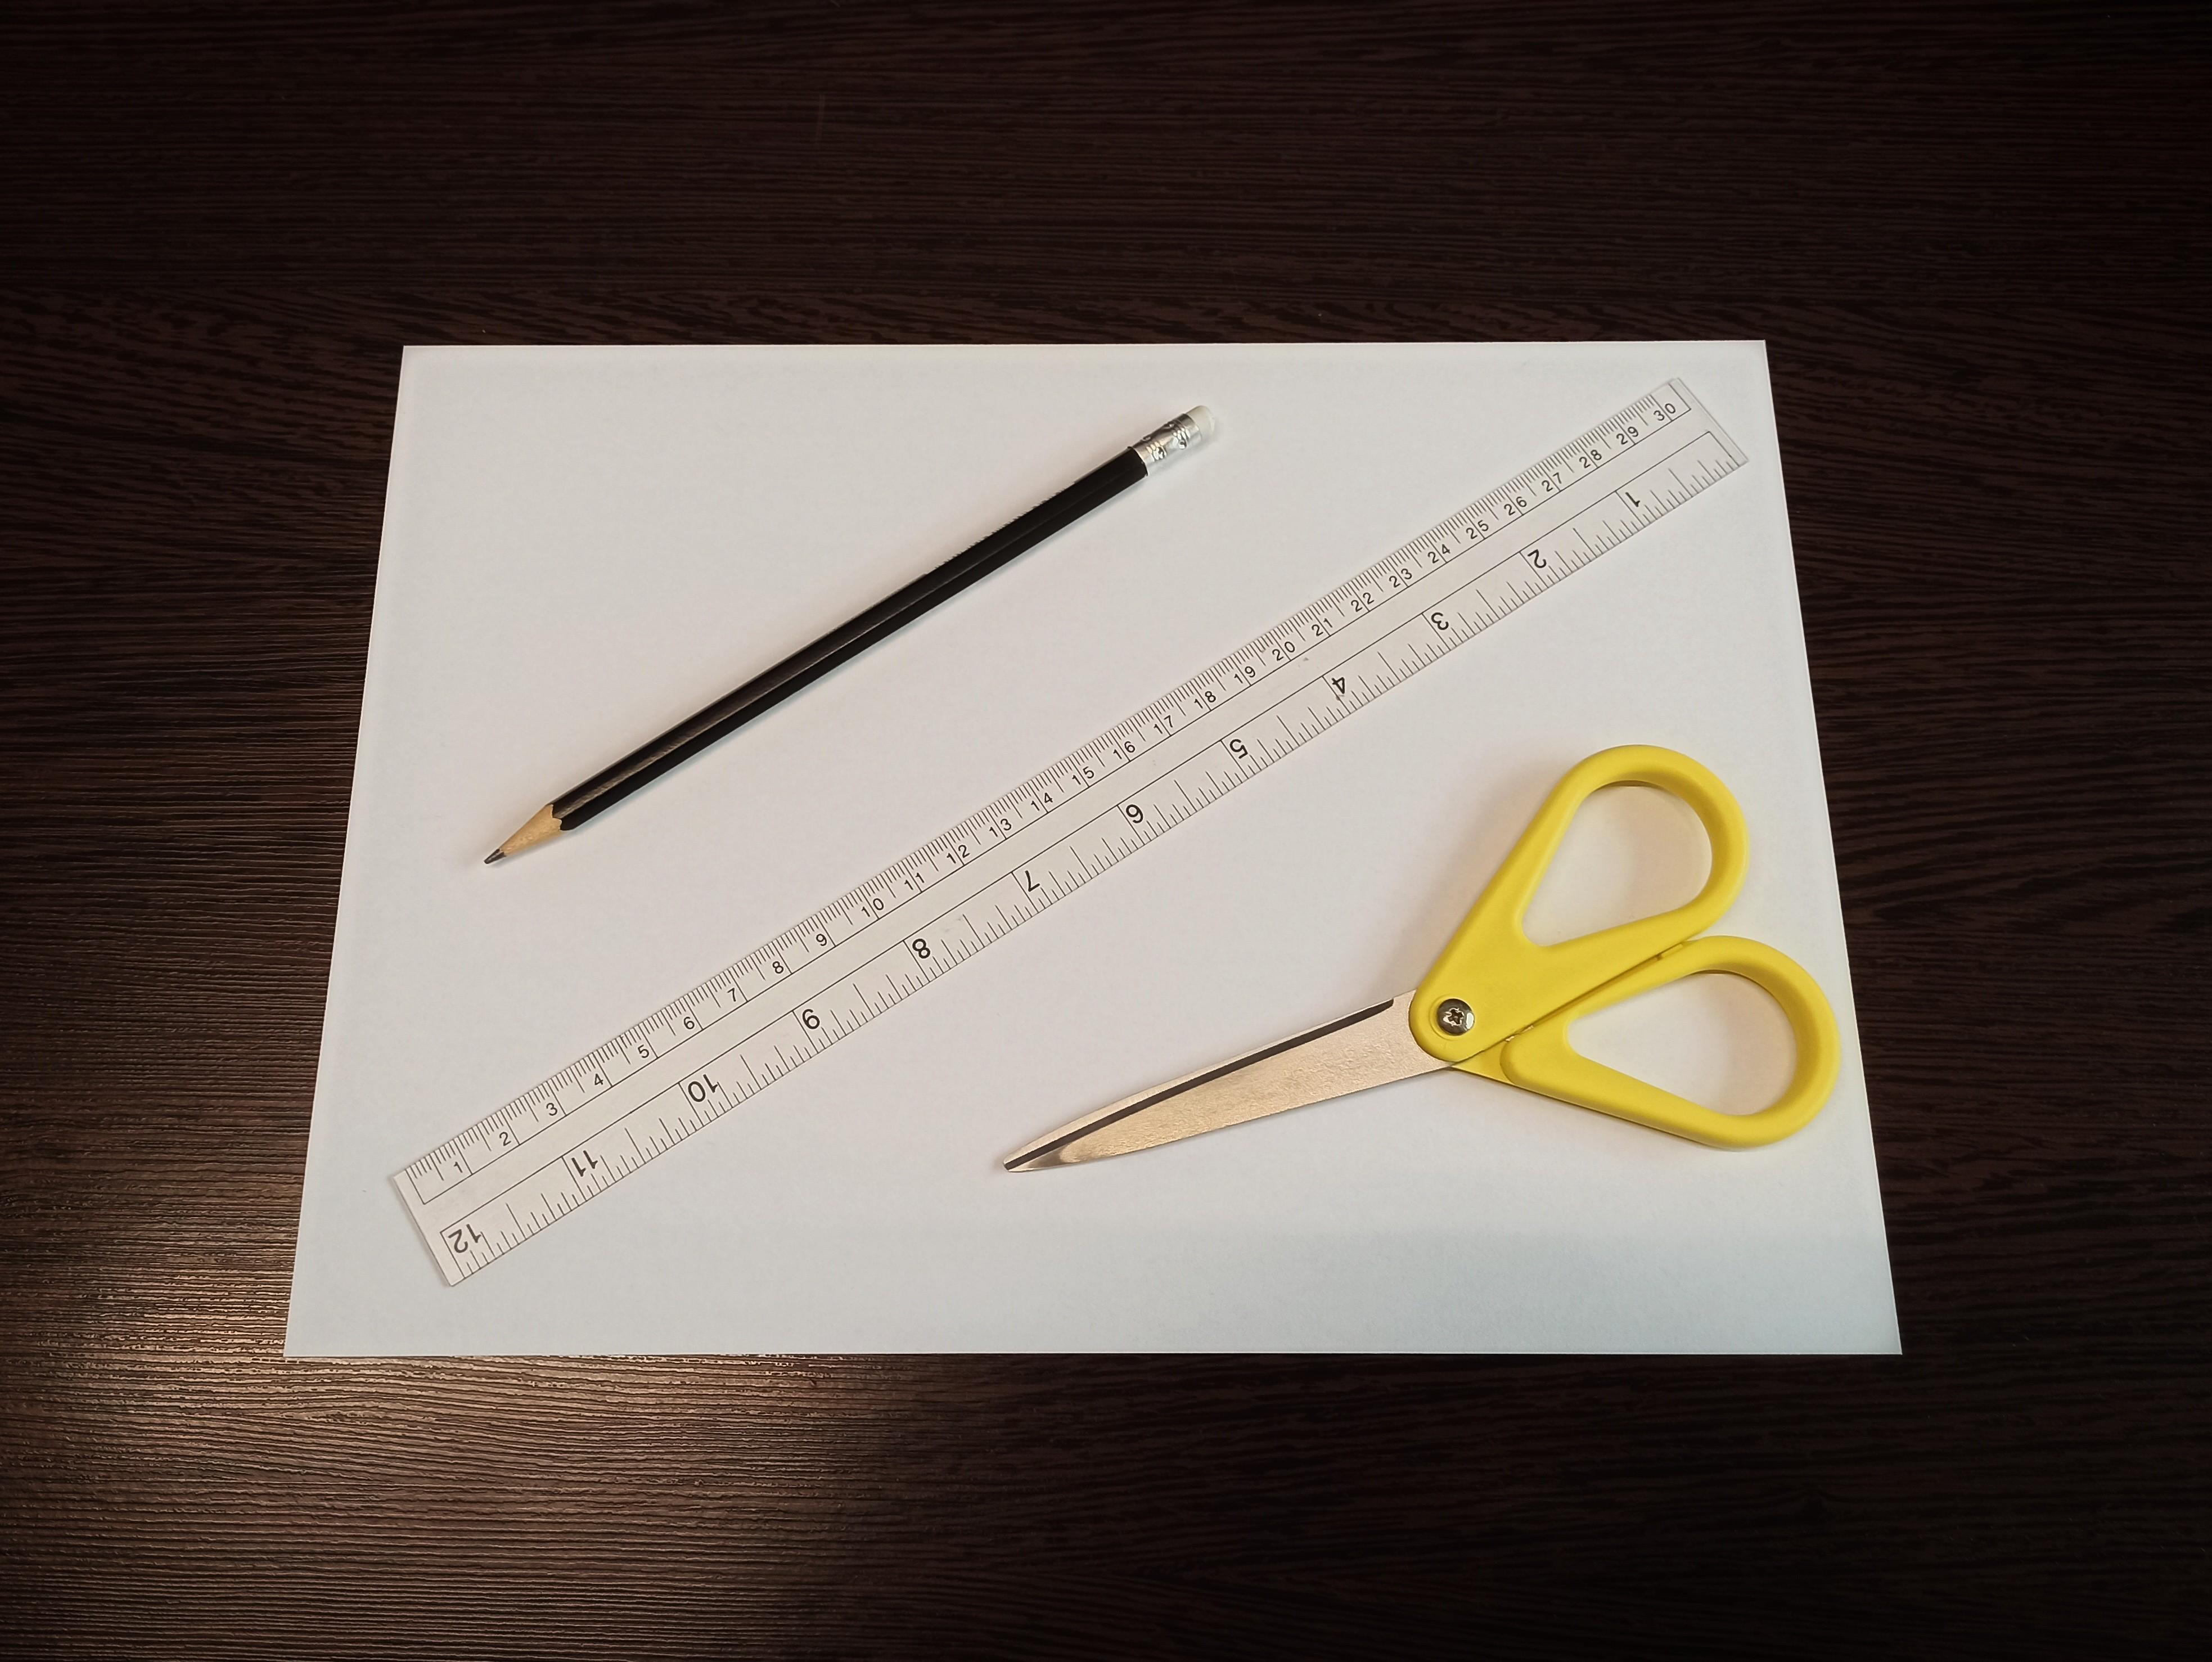 Pomůcky ke změření velikosti prstenu